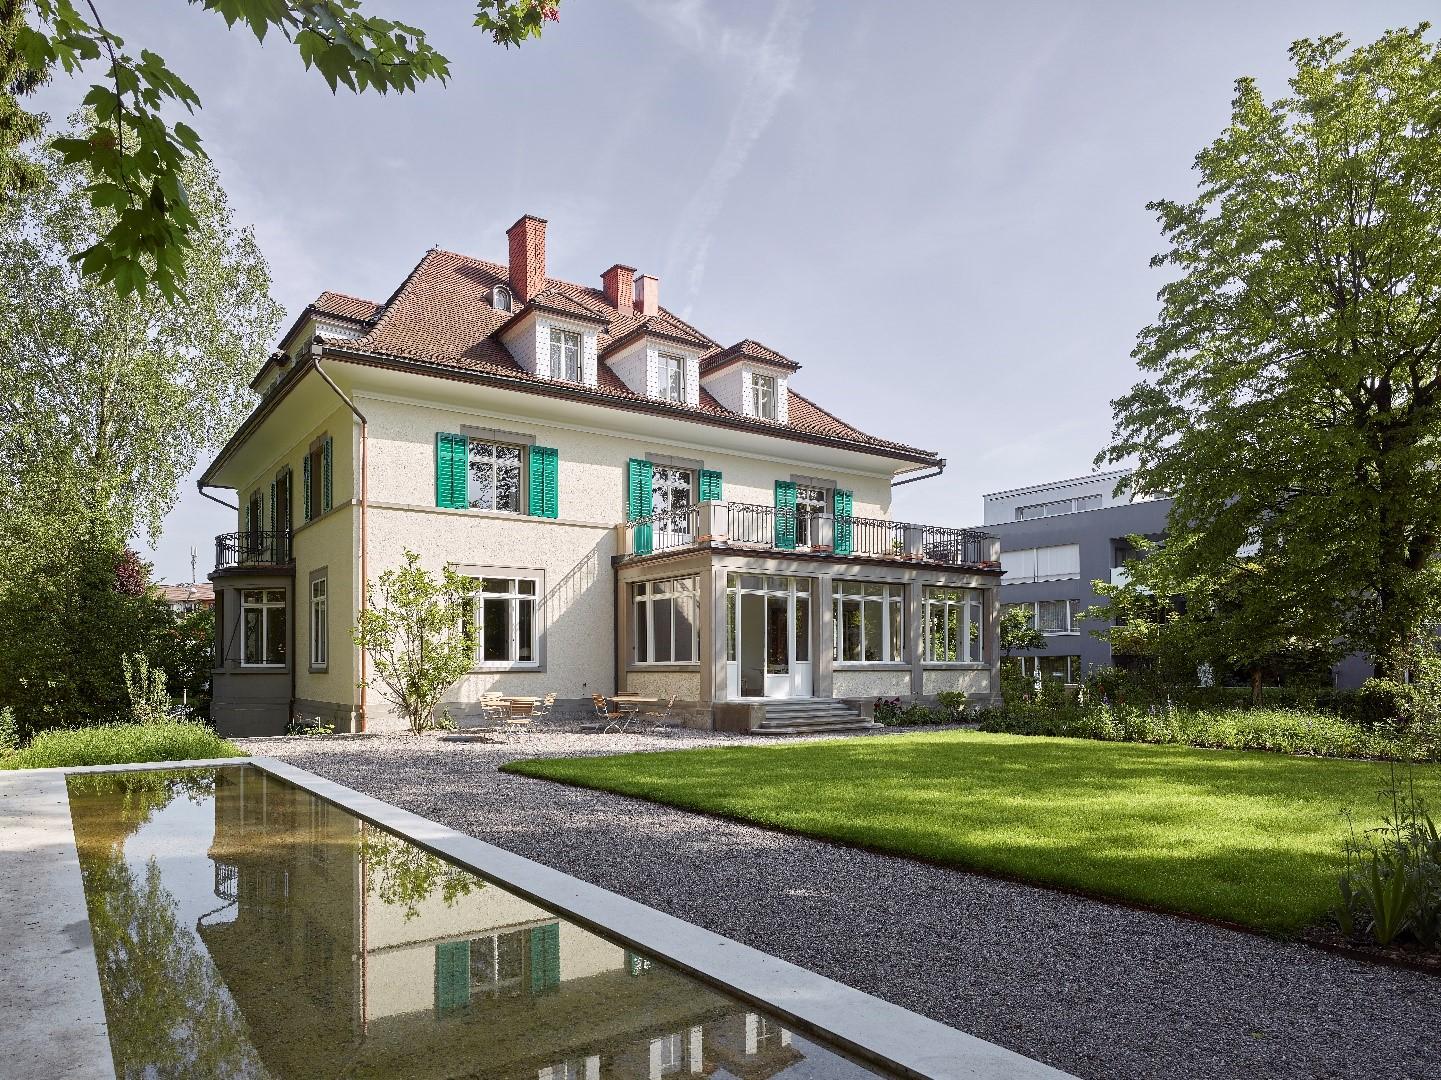 Umbau Signau House & Garden, Zürich